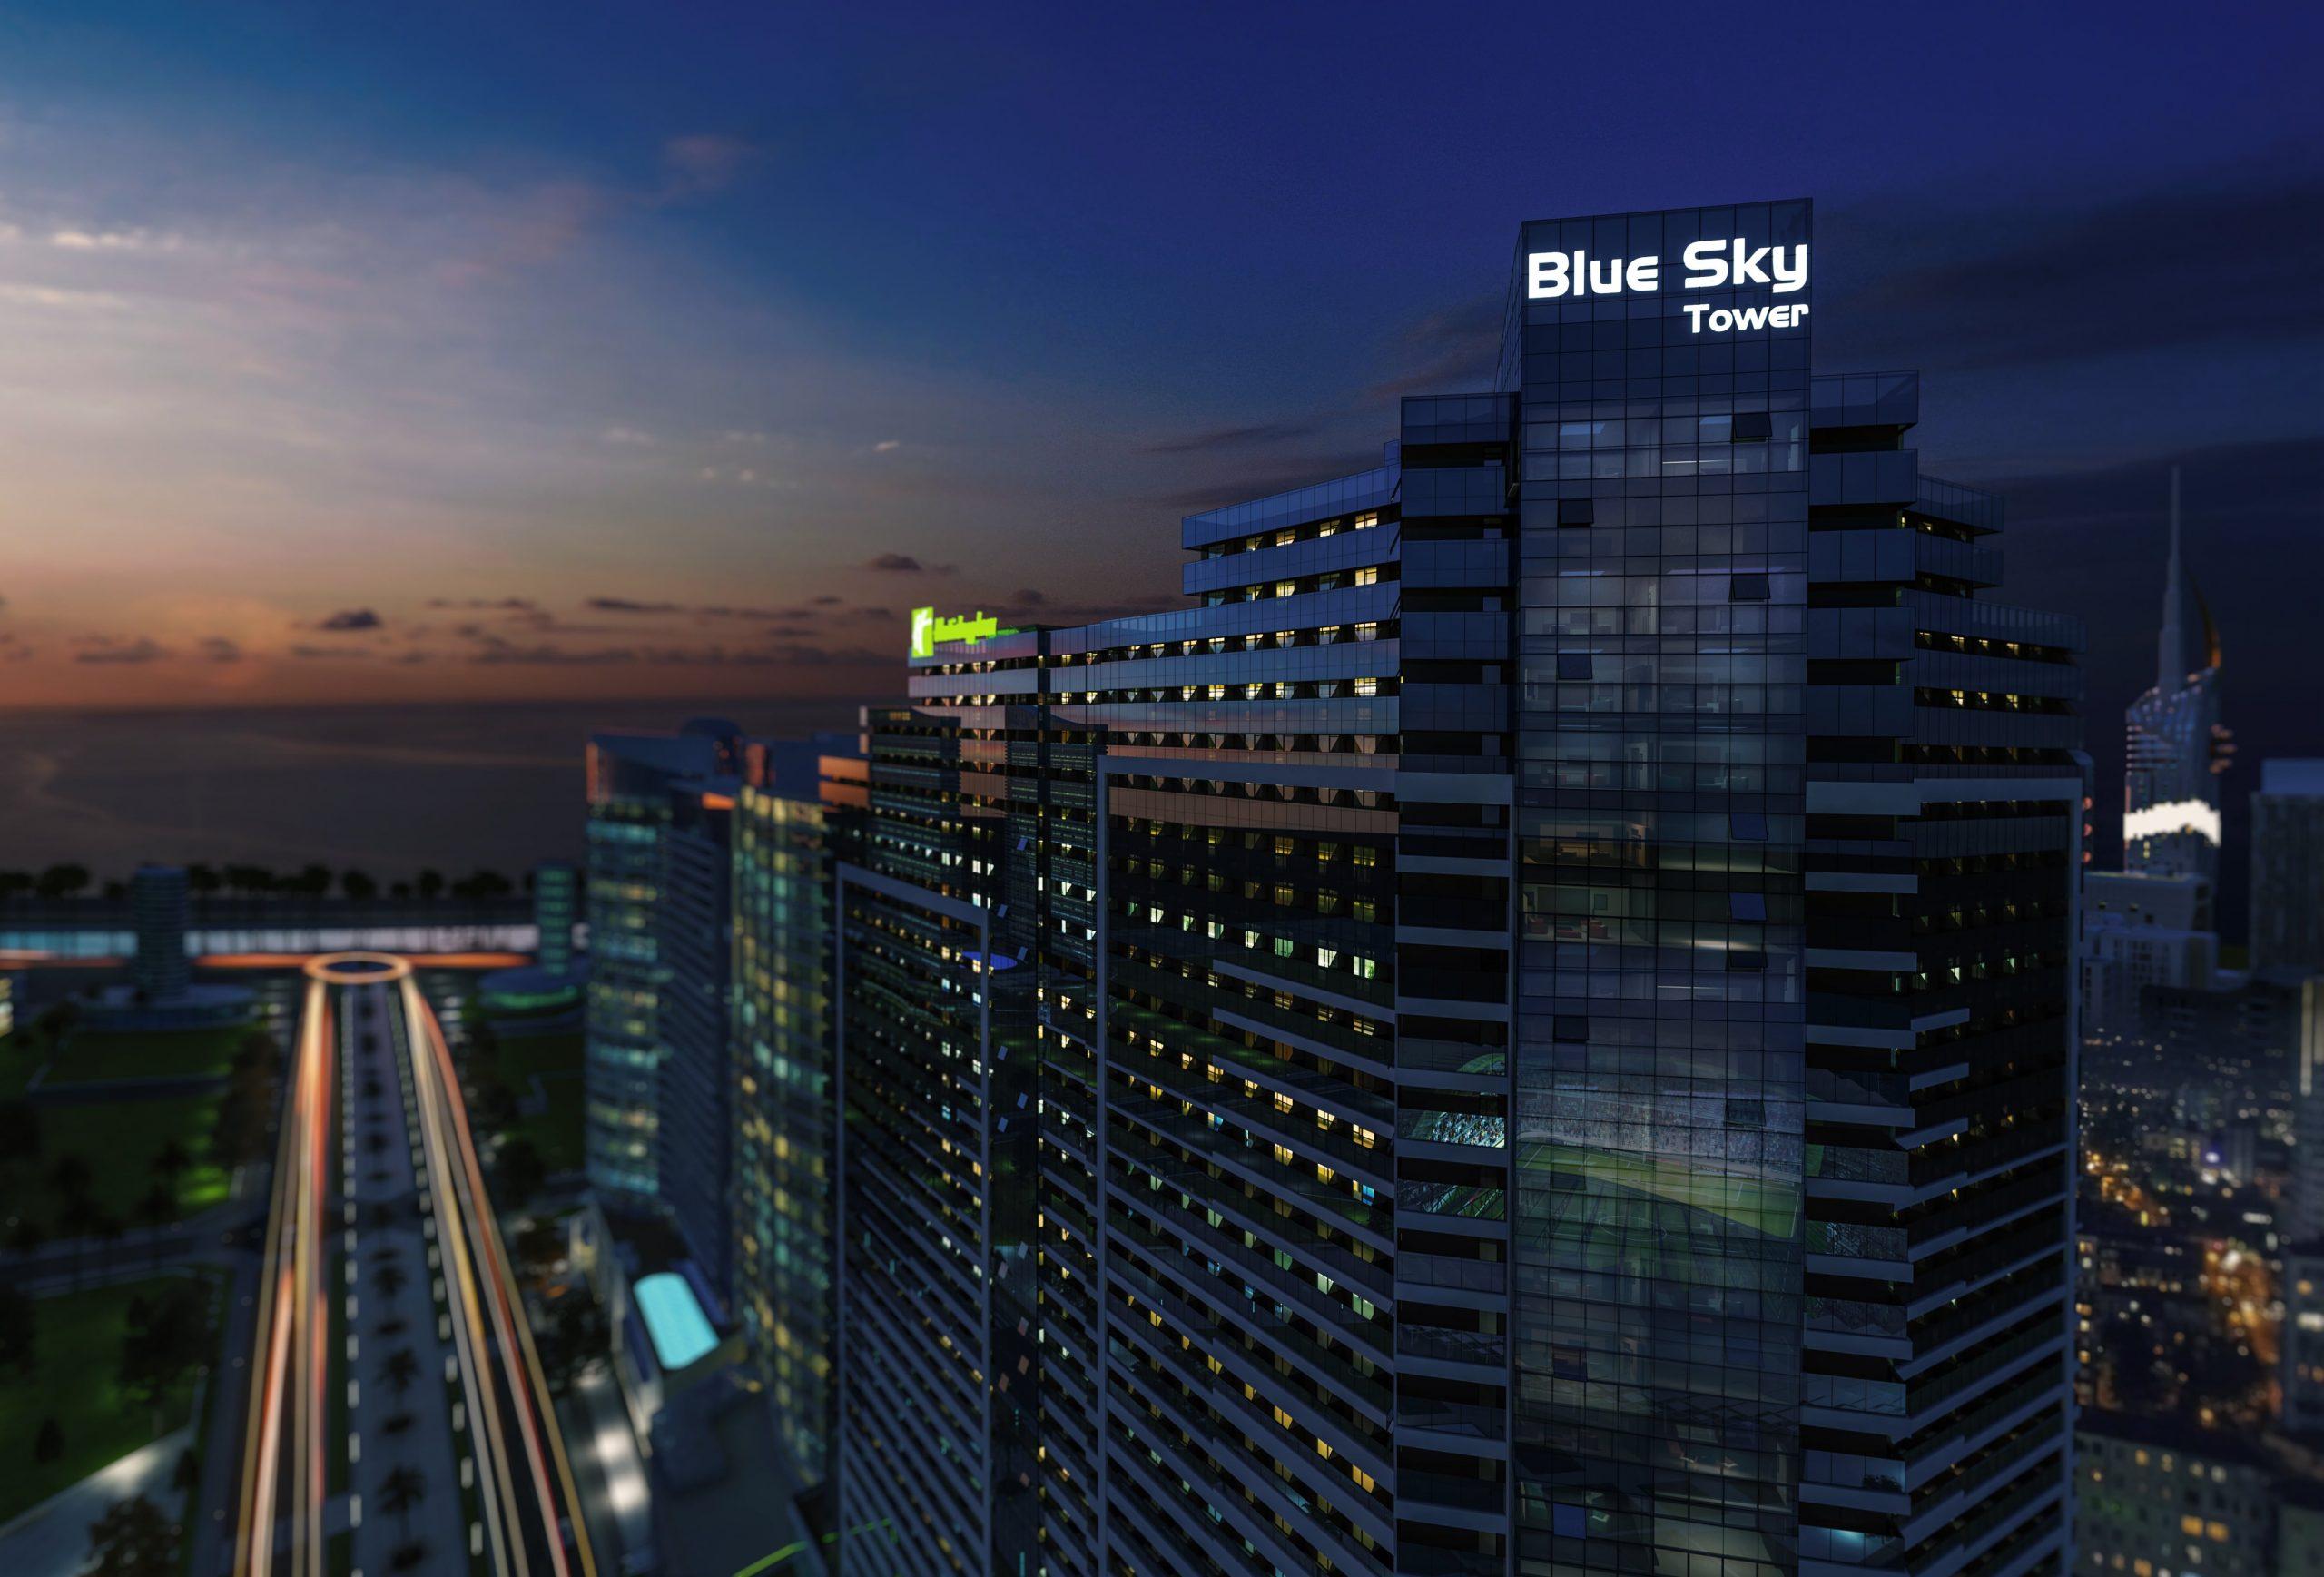 апартаменты у самого моря в новостройке BlueSky Tower